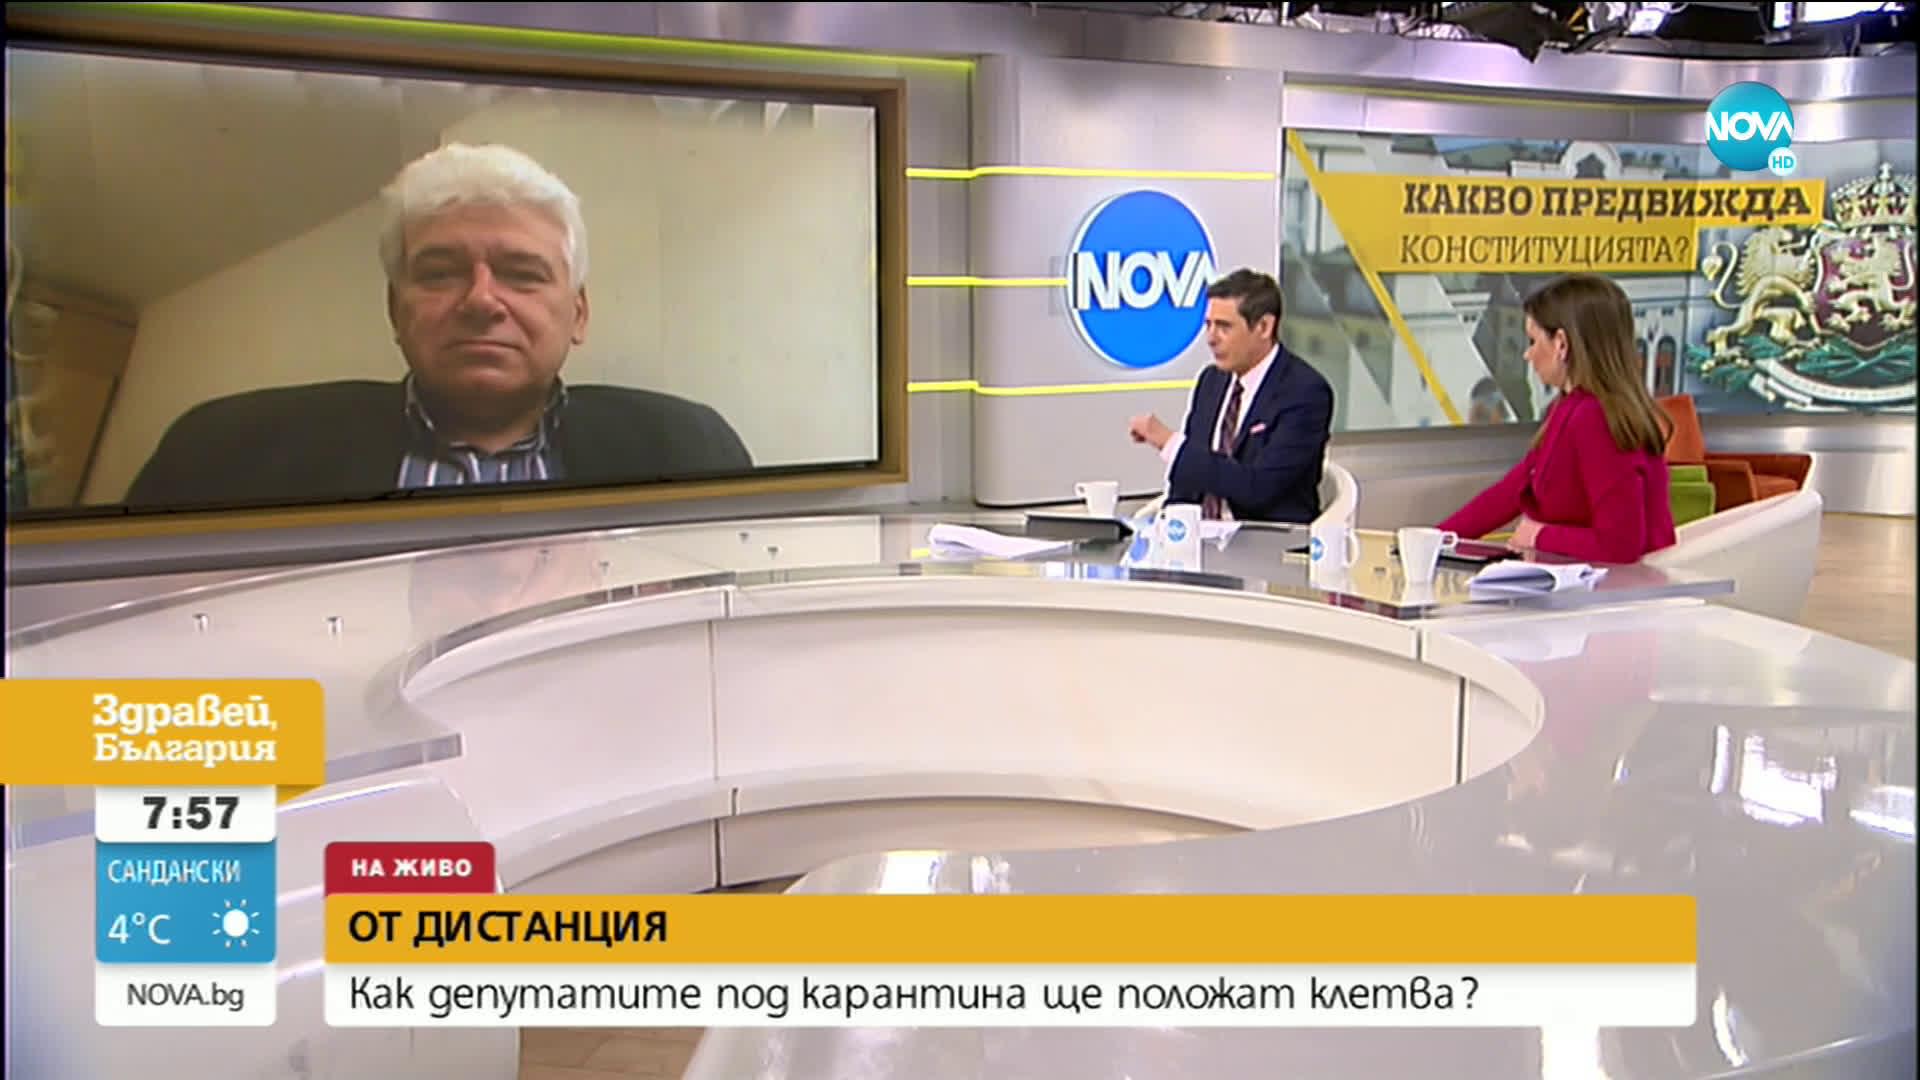 Проф. Пламен Киров: Най-вероятно днес ще бъде избран председател на парламента